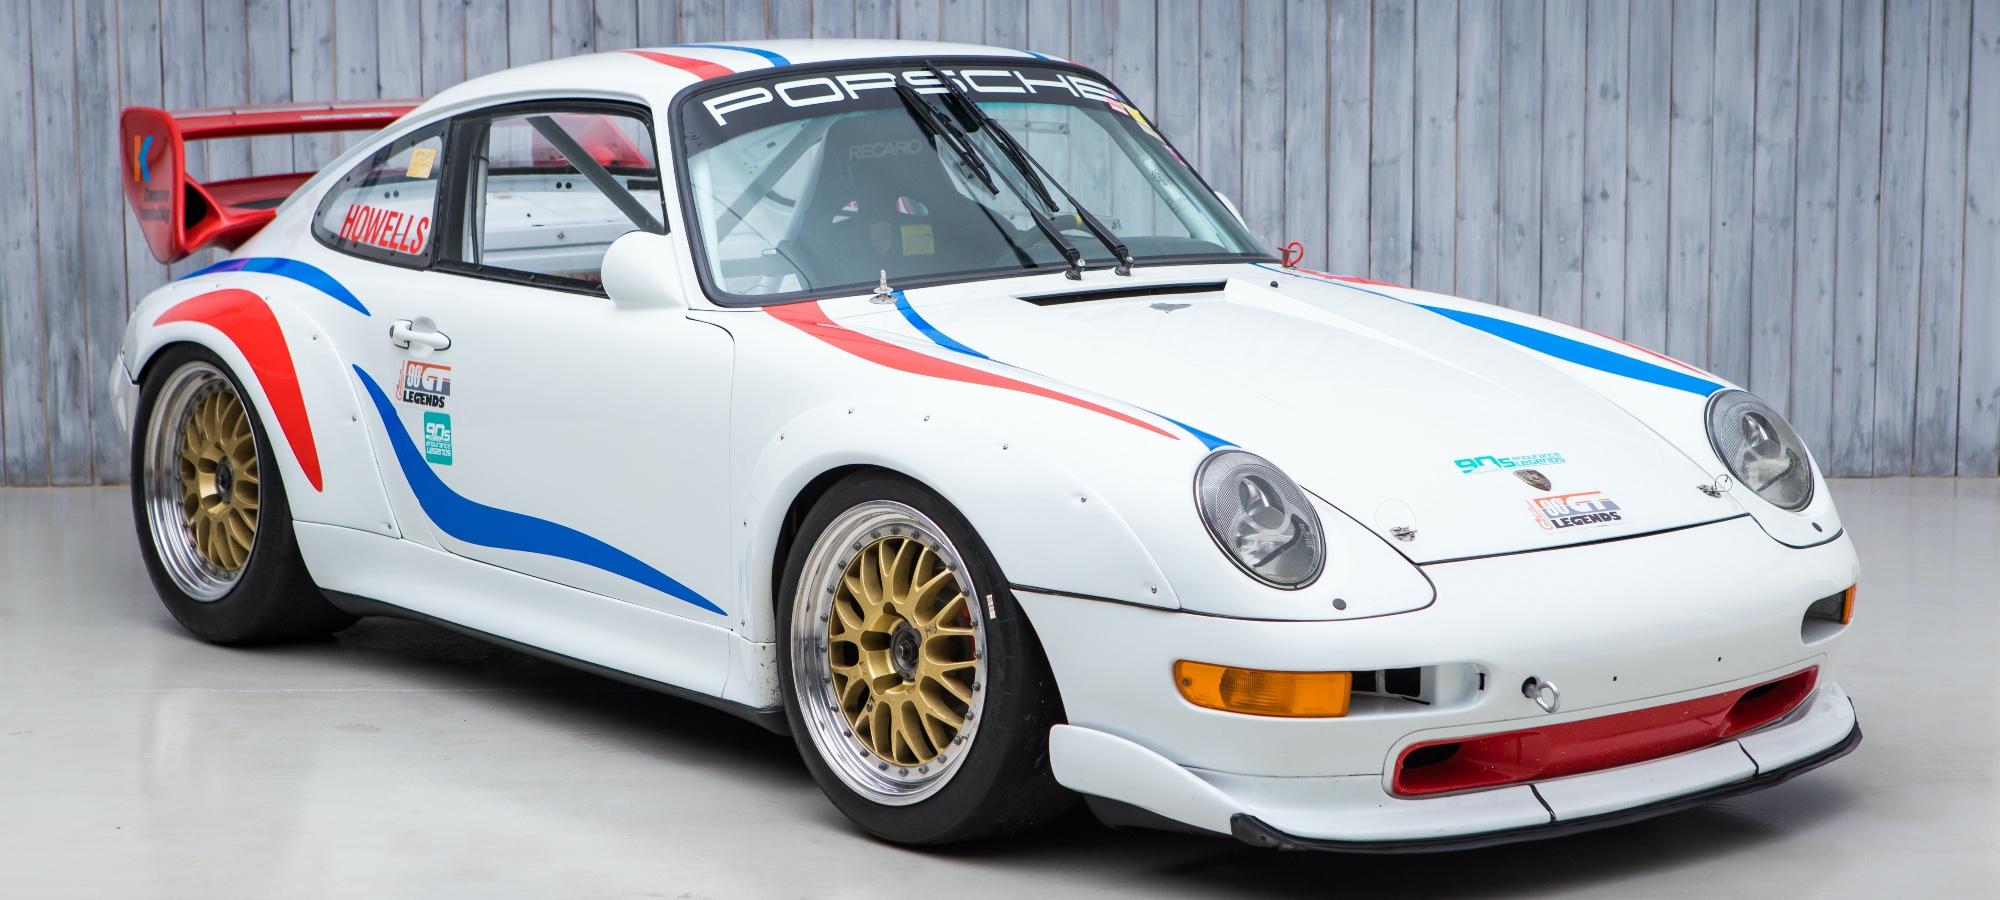 The Ex - Porsche Motorsport Asia, Championship Winning 1997 Porsche 993 Cup 3.8 RSR